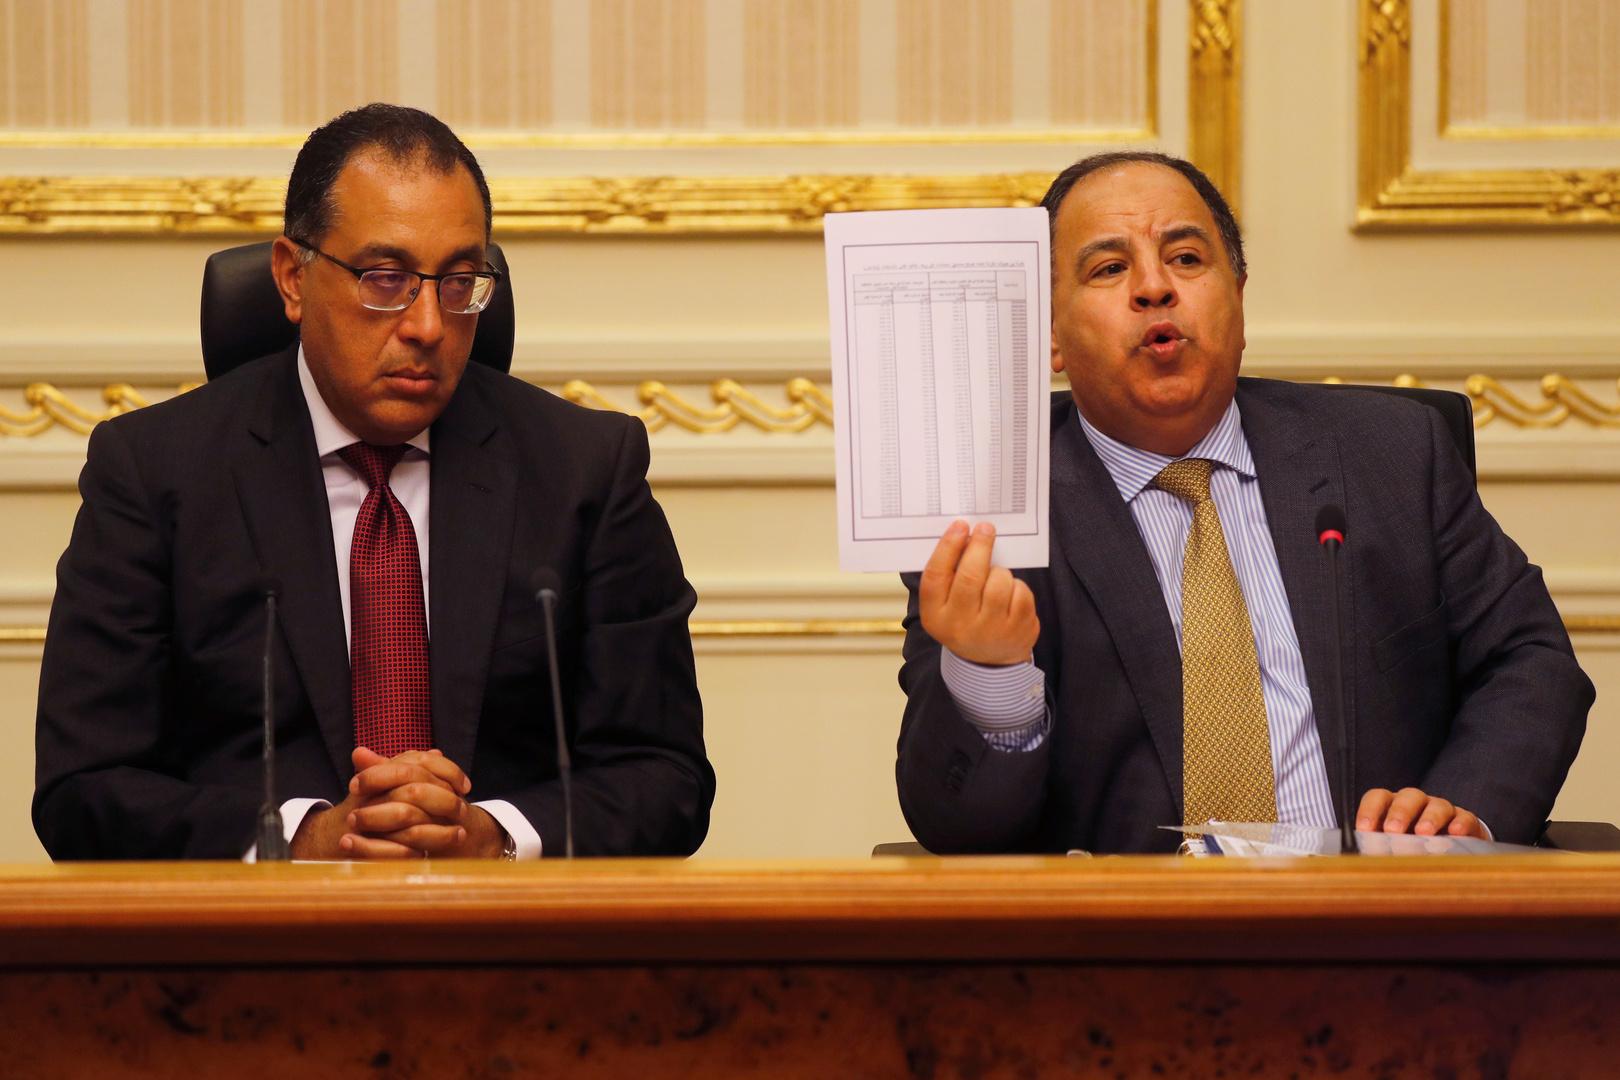 مصر تعلن عن موازنة العام الجديد بمزايا كبيرة للمواطنين